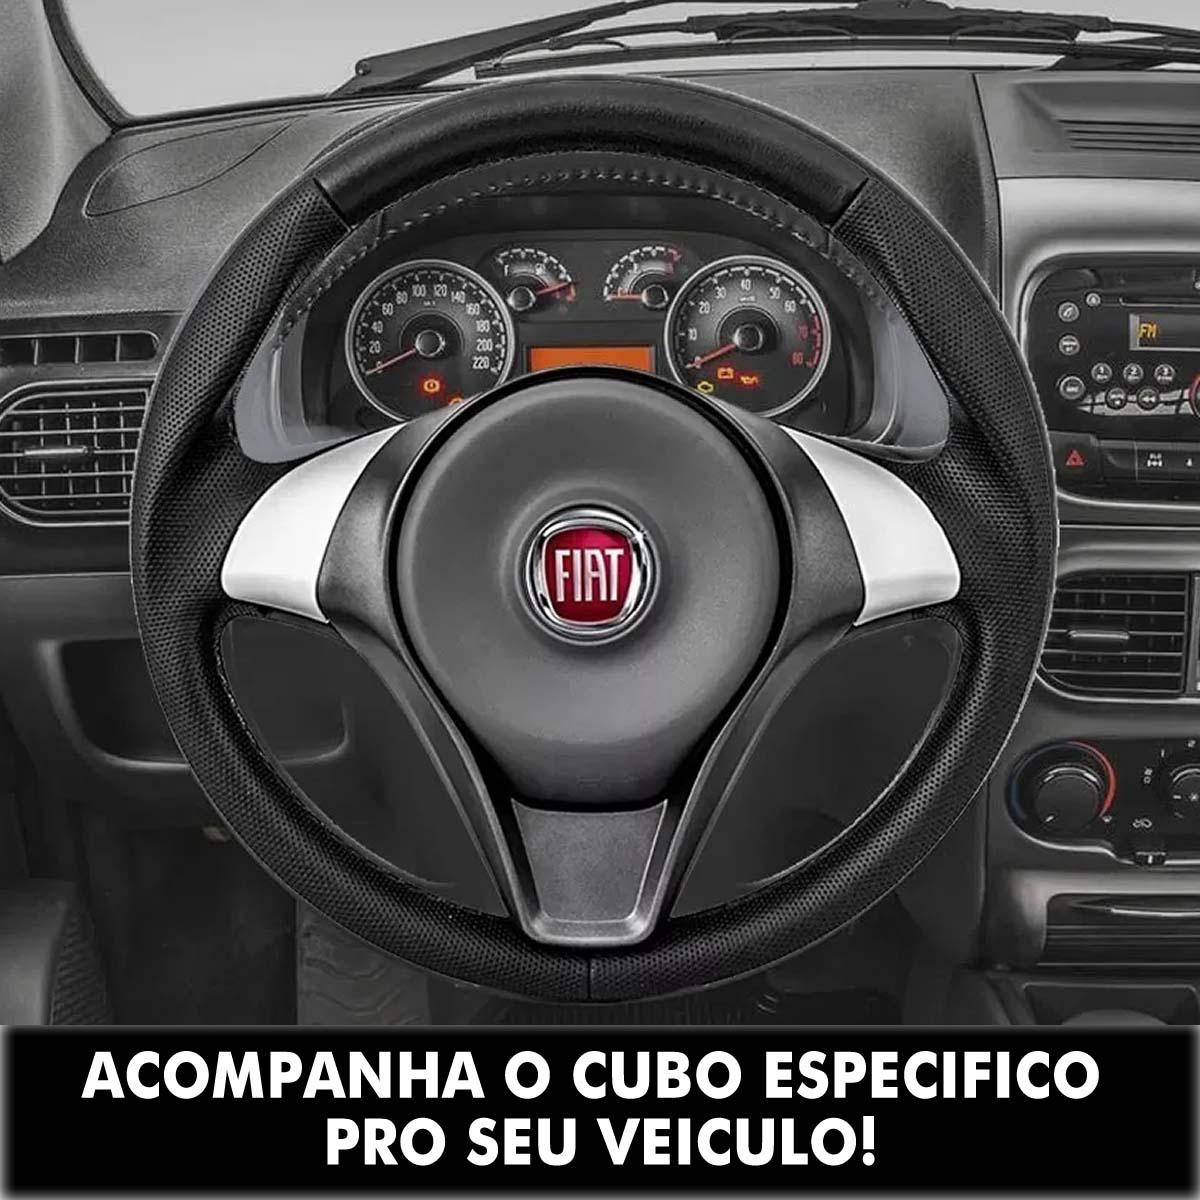 Volante do Fiat Palio Sporting Esportivo Cubo Panorama 147 Fiorino Poliparts